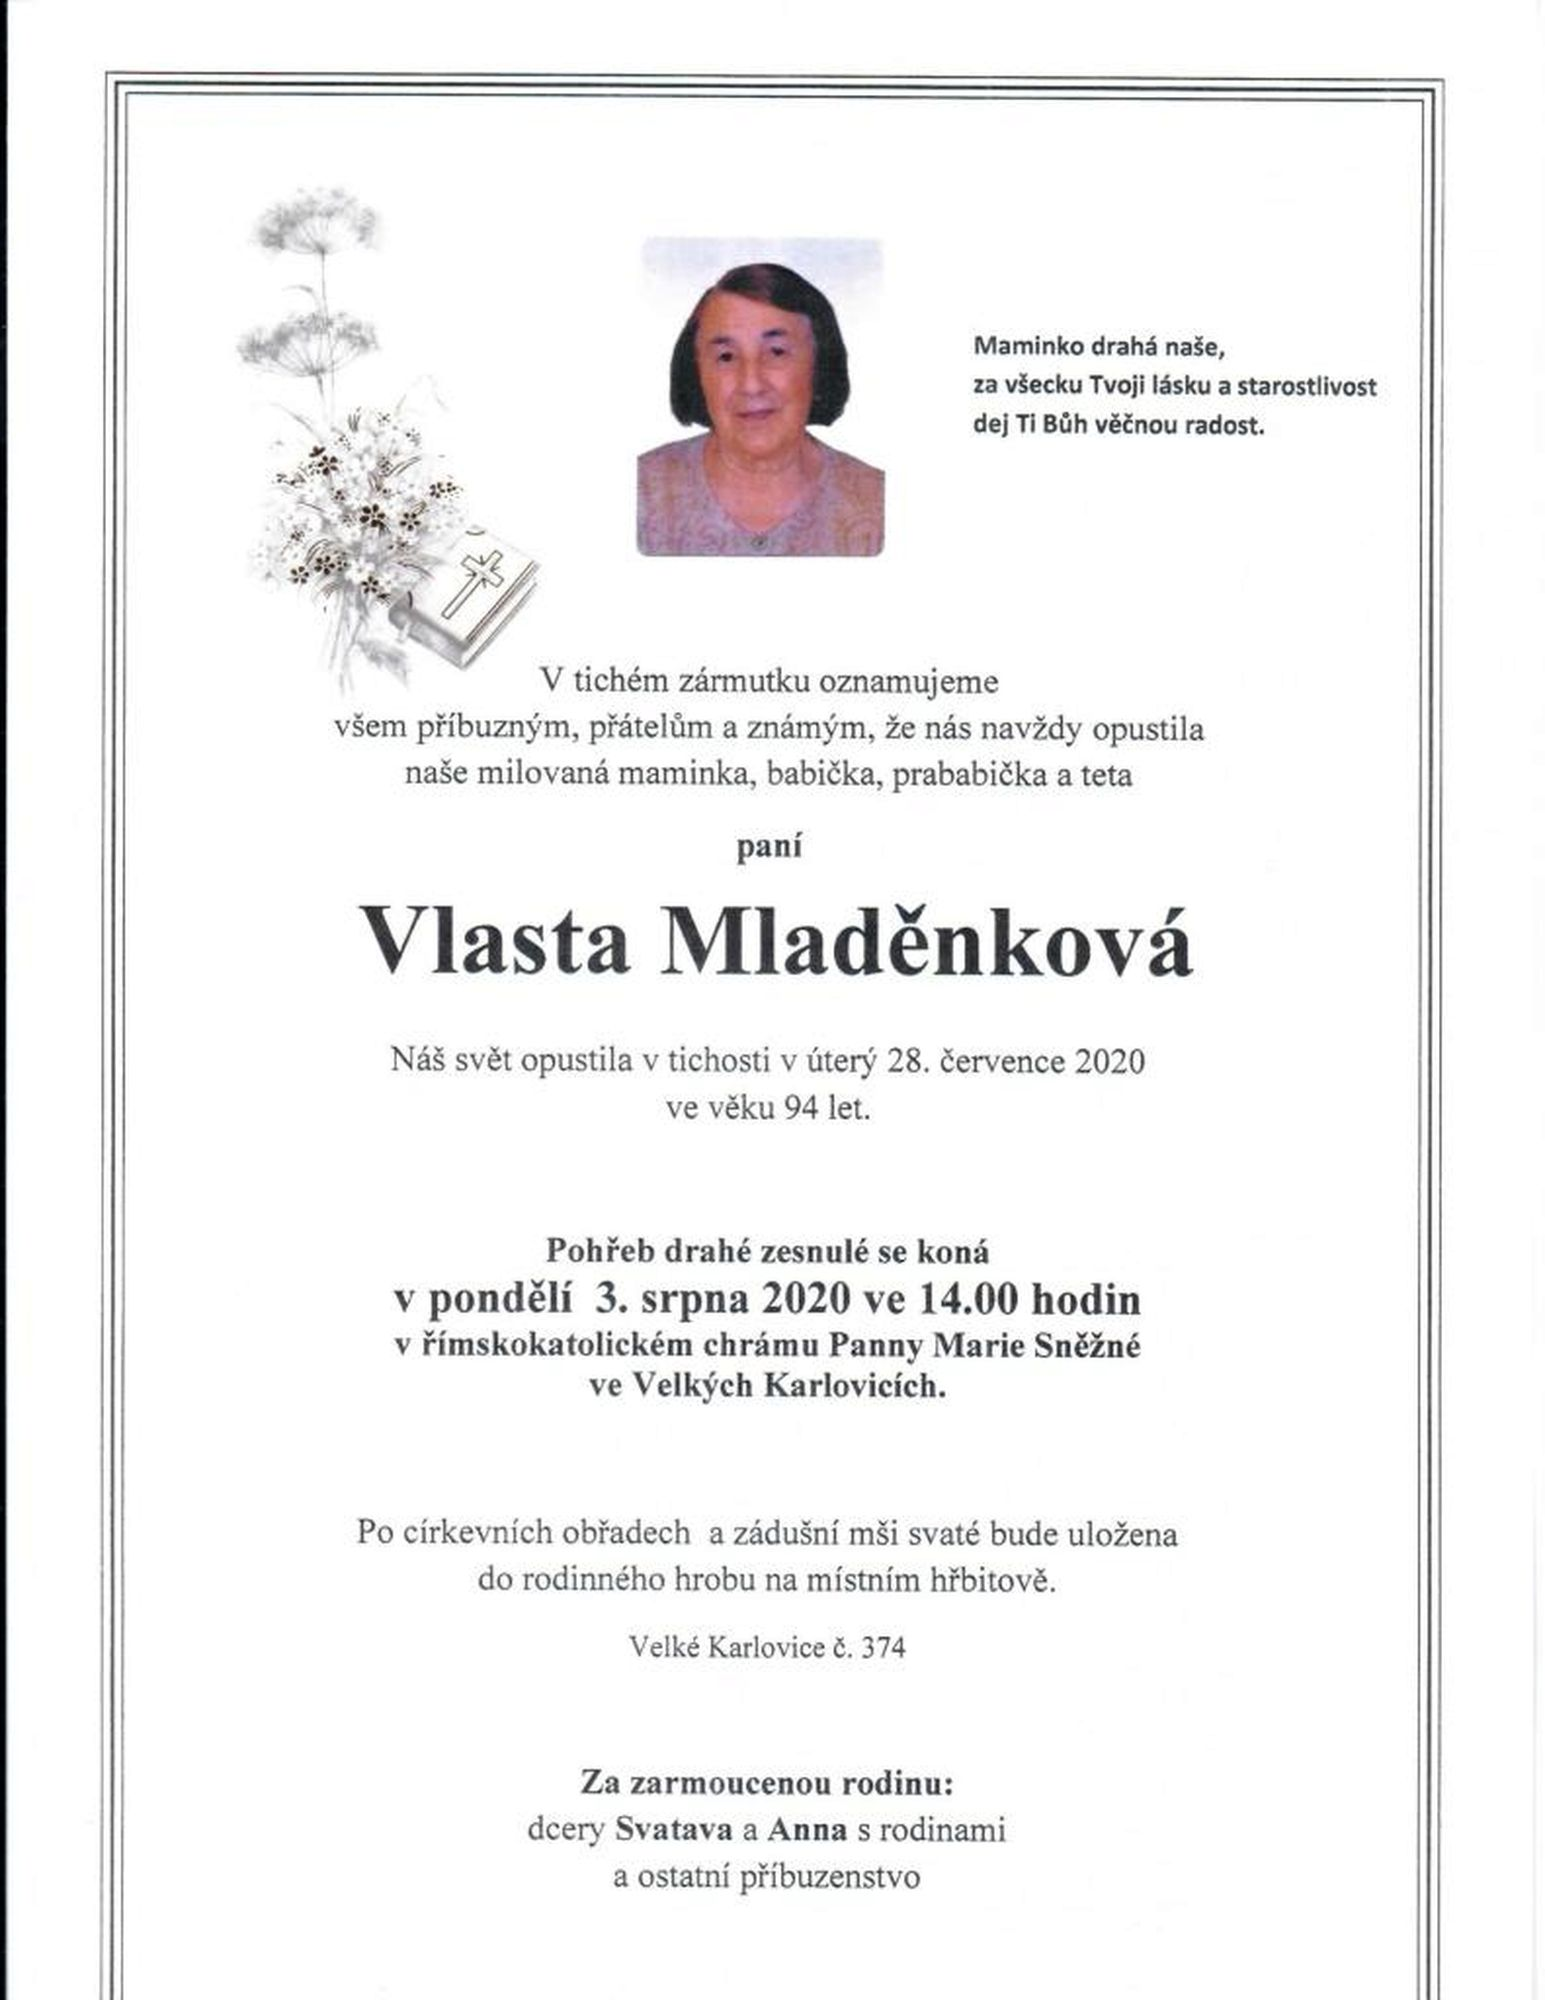 Vlasta Mladěnková